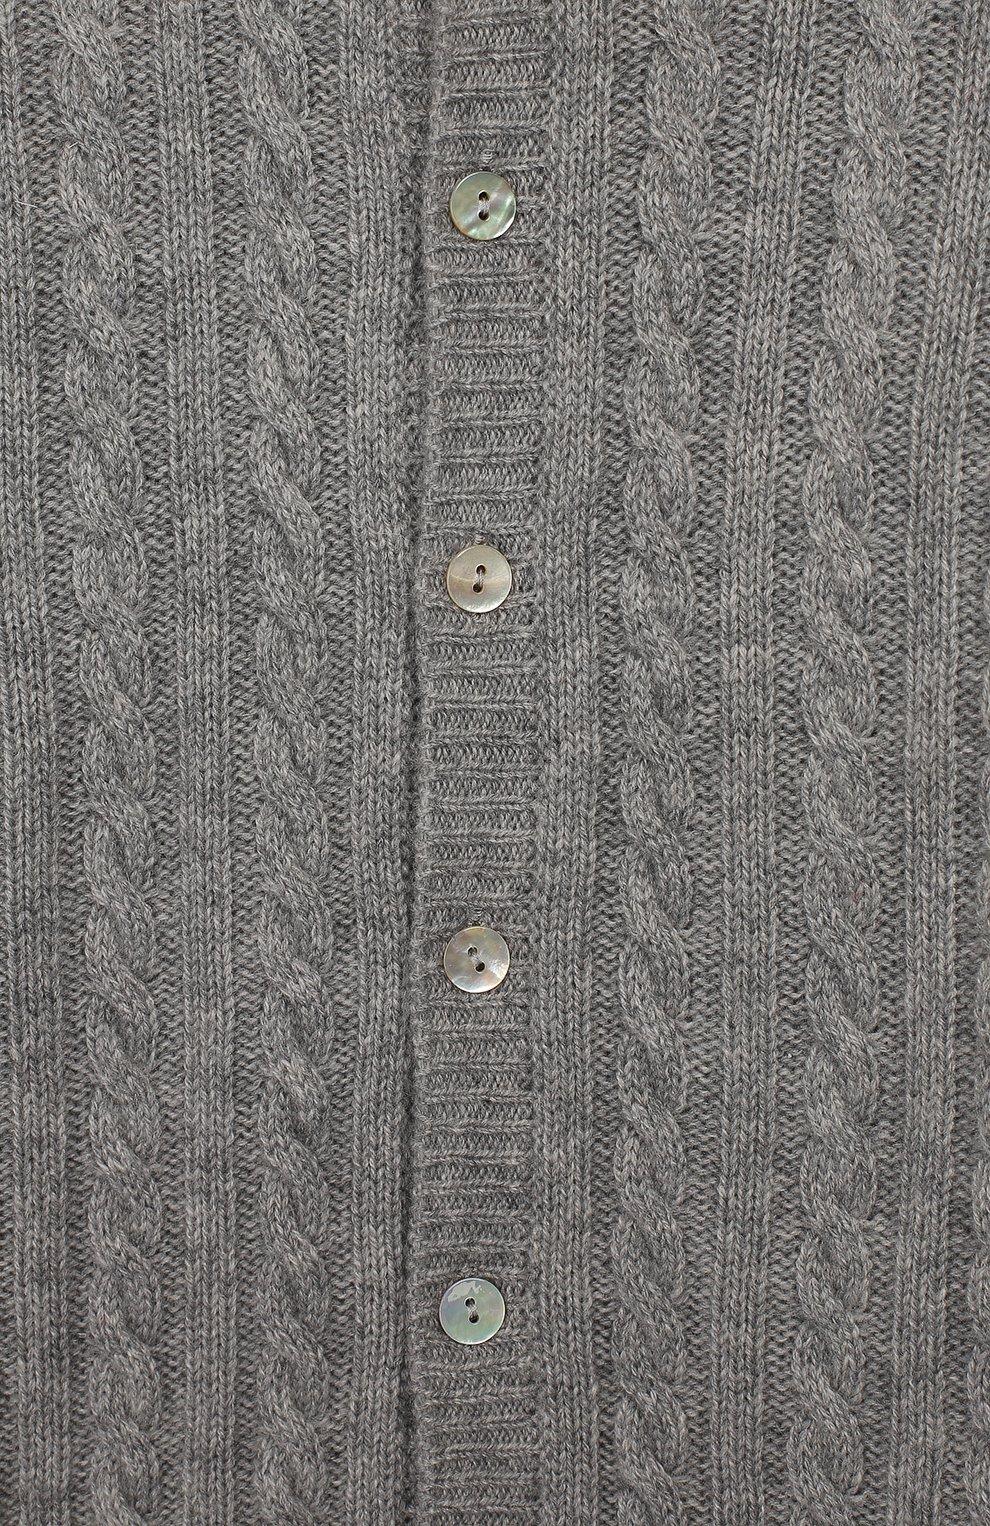 Детский кашемировый комбинезон с капюшоном LA PERLA серого цвета, арт. 59975/18M-24M | Фото 3